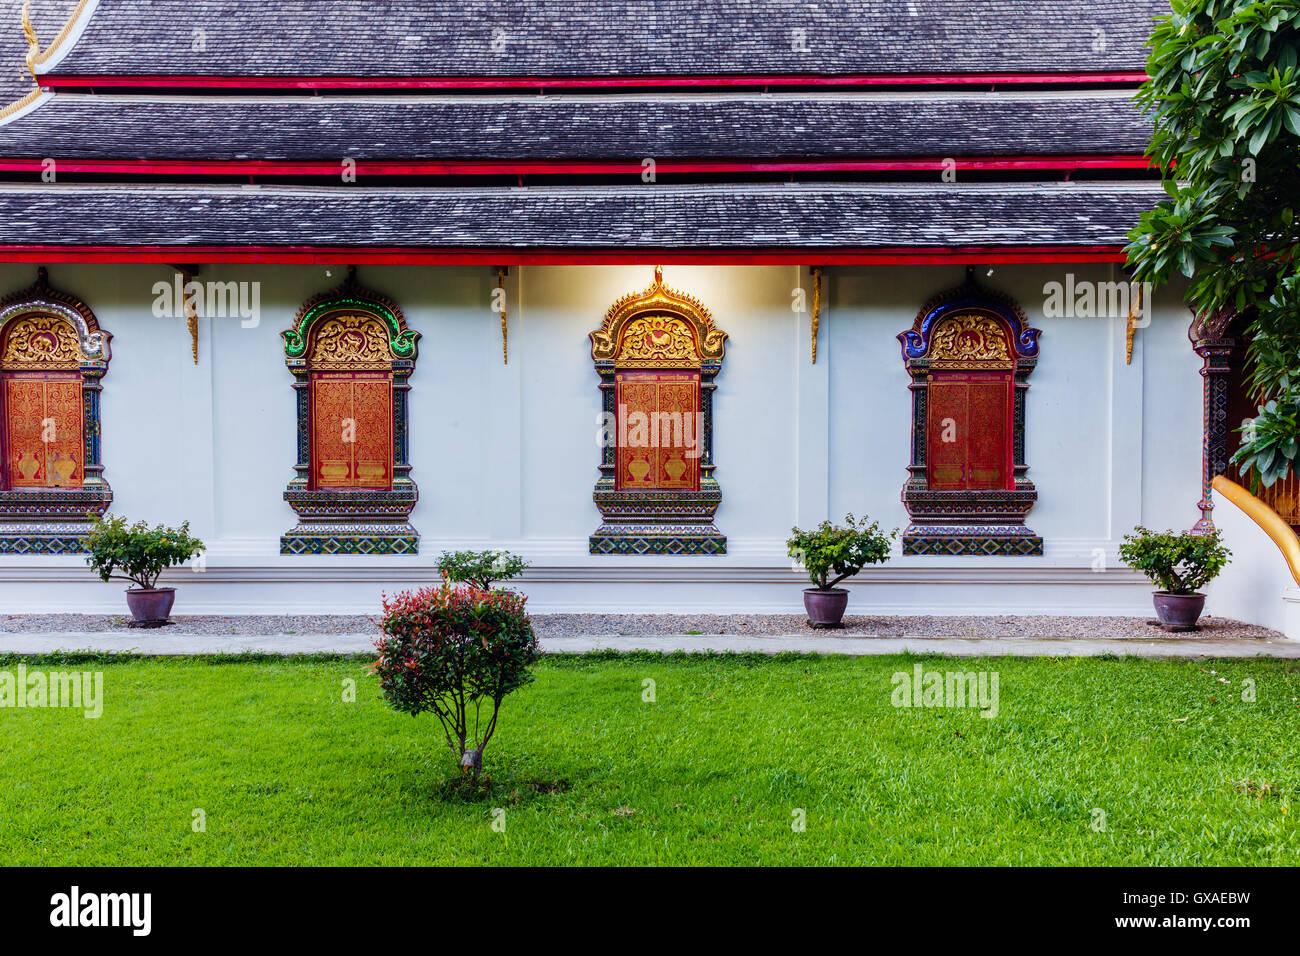 Dettagli Rchitectural di Wat Chiang Man, il più antico tempio in Chiang Mai, Thailandia. Immagini Stock